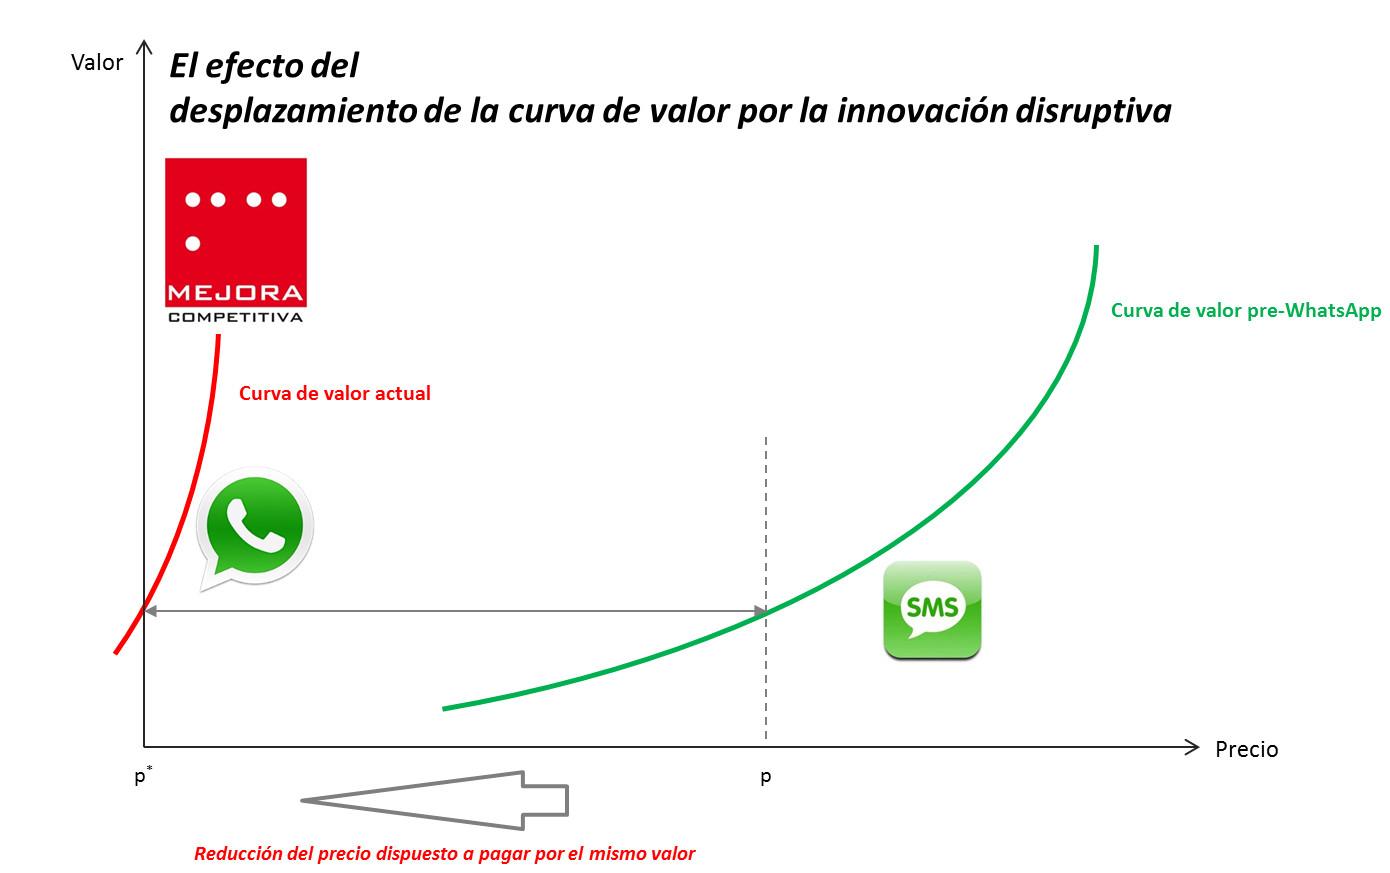 Desplazamiento de la curva de valor por la innovación